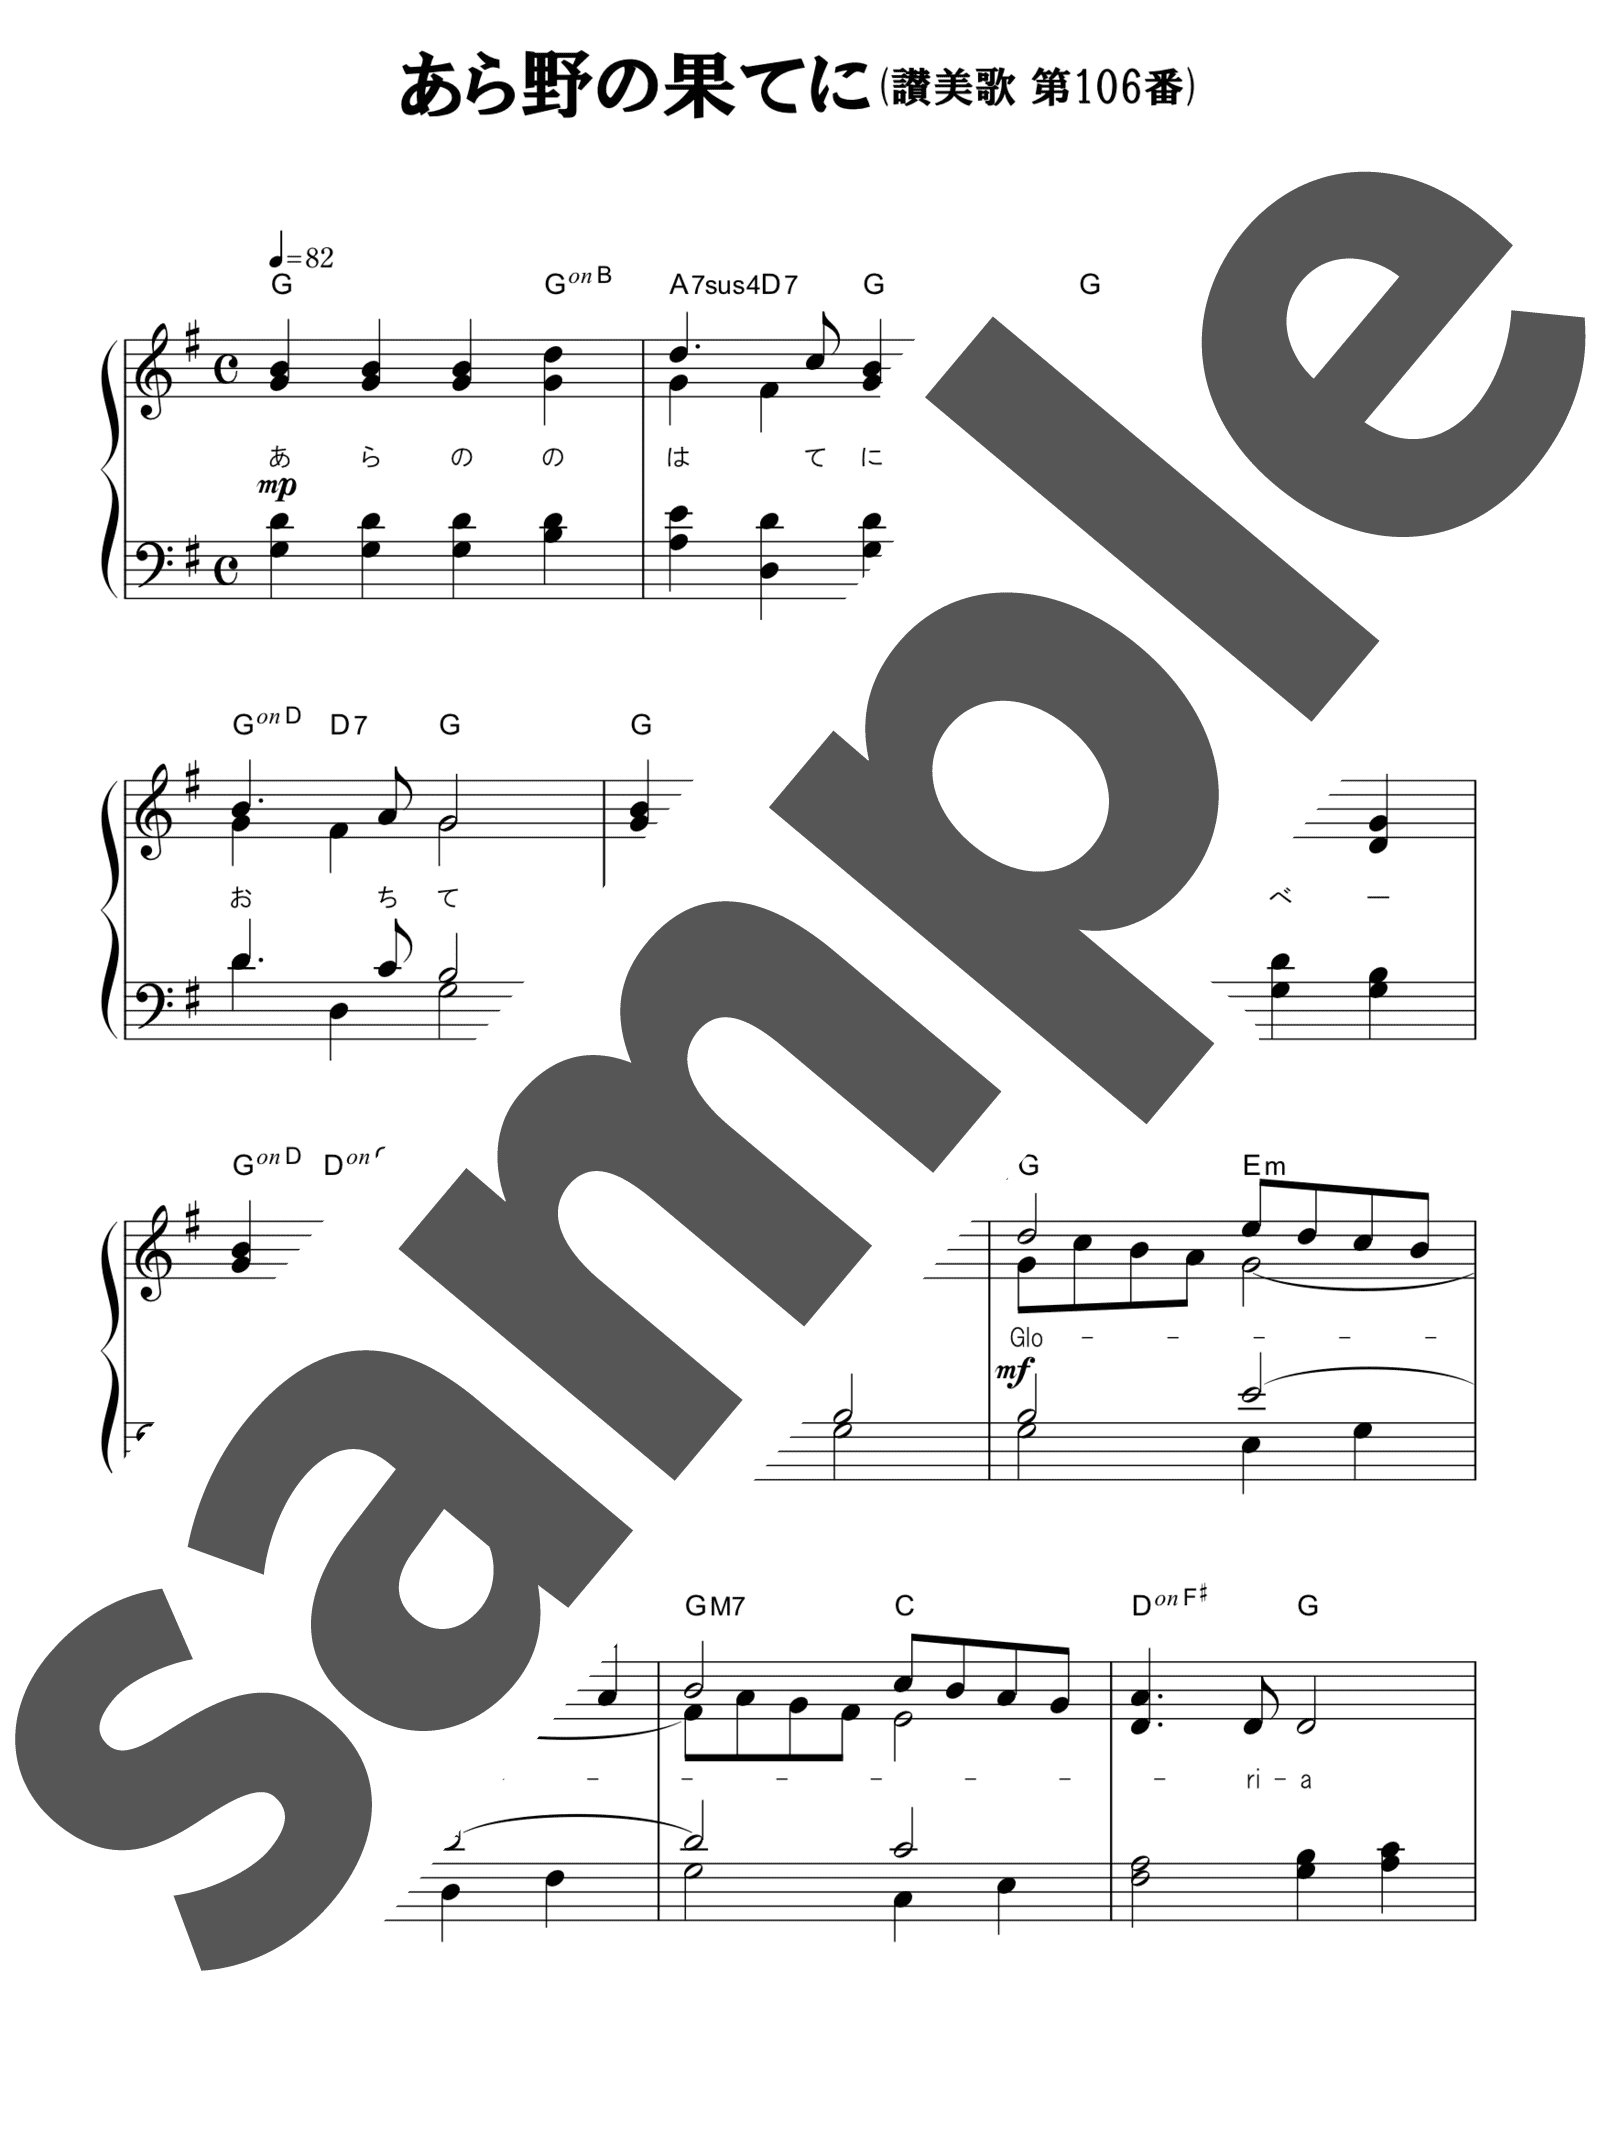 「あら野の果てに(讃美歌第106番)」のサンプル楽譜